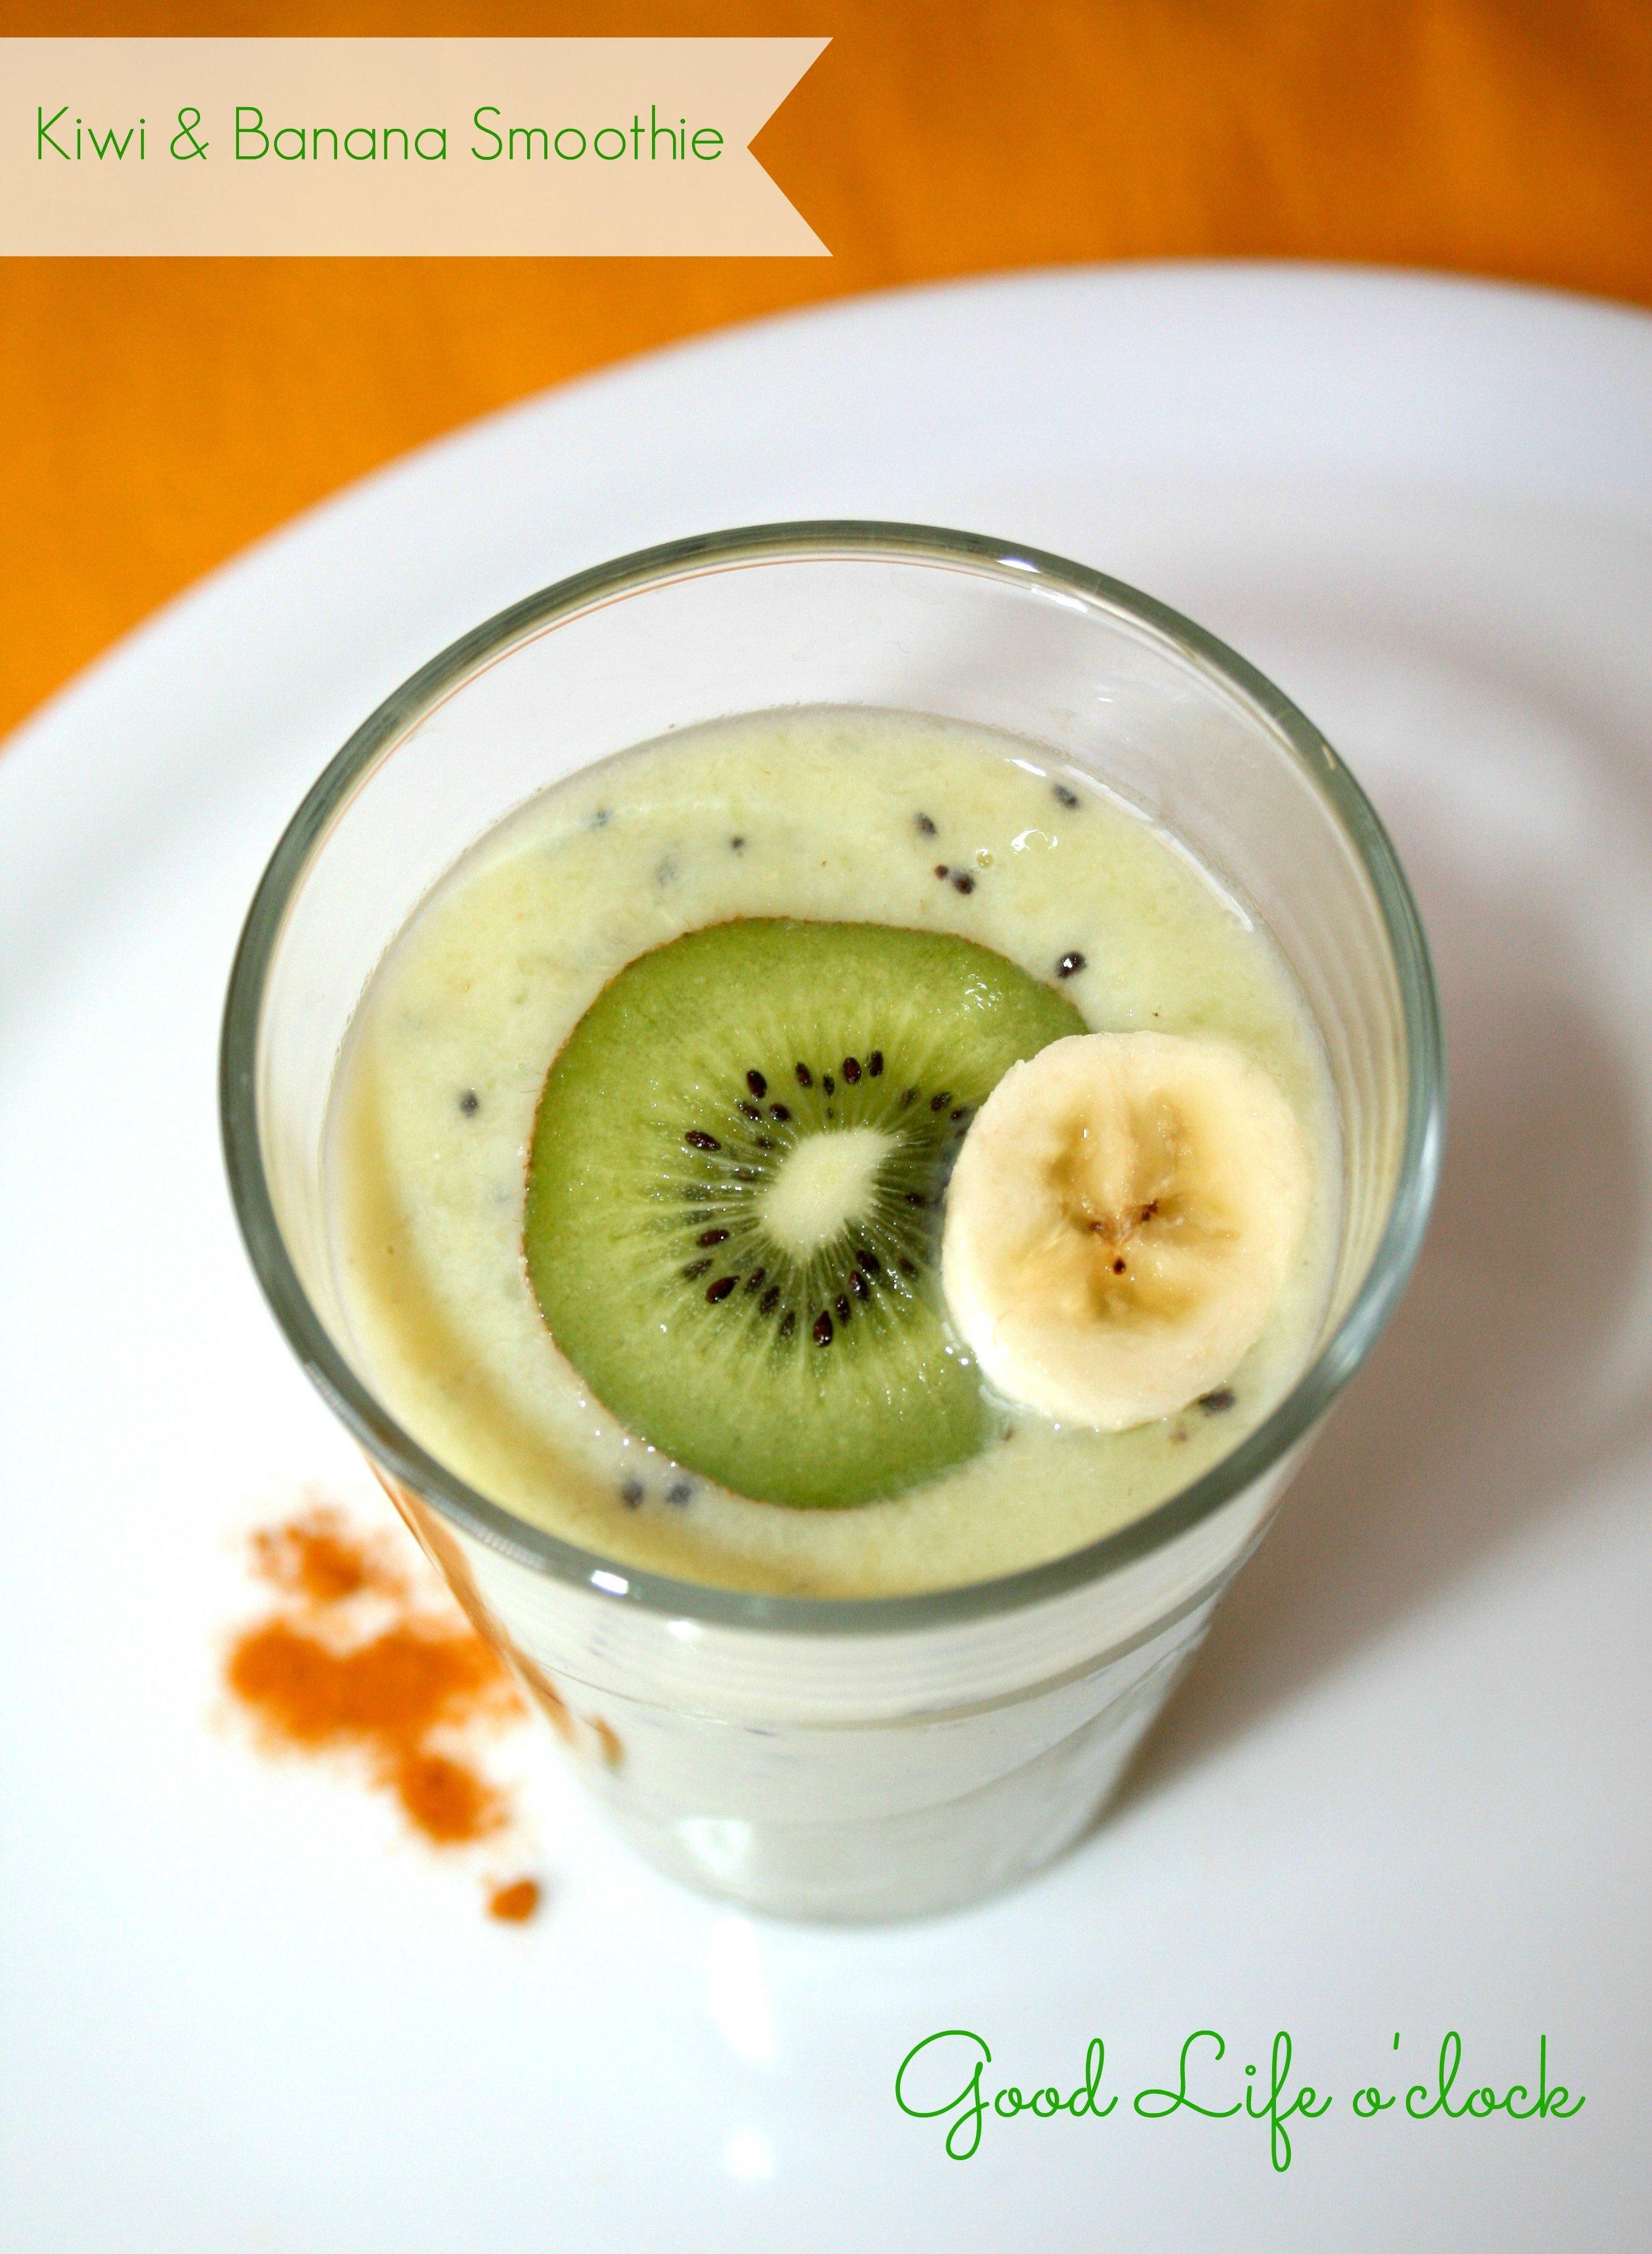 Kiwi & Banana Smoothie